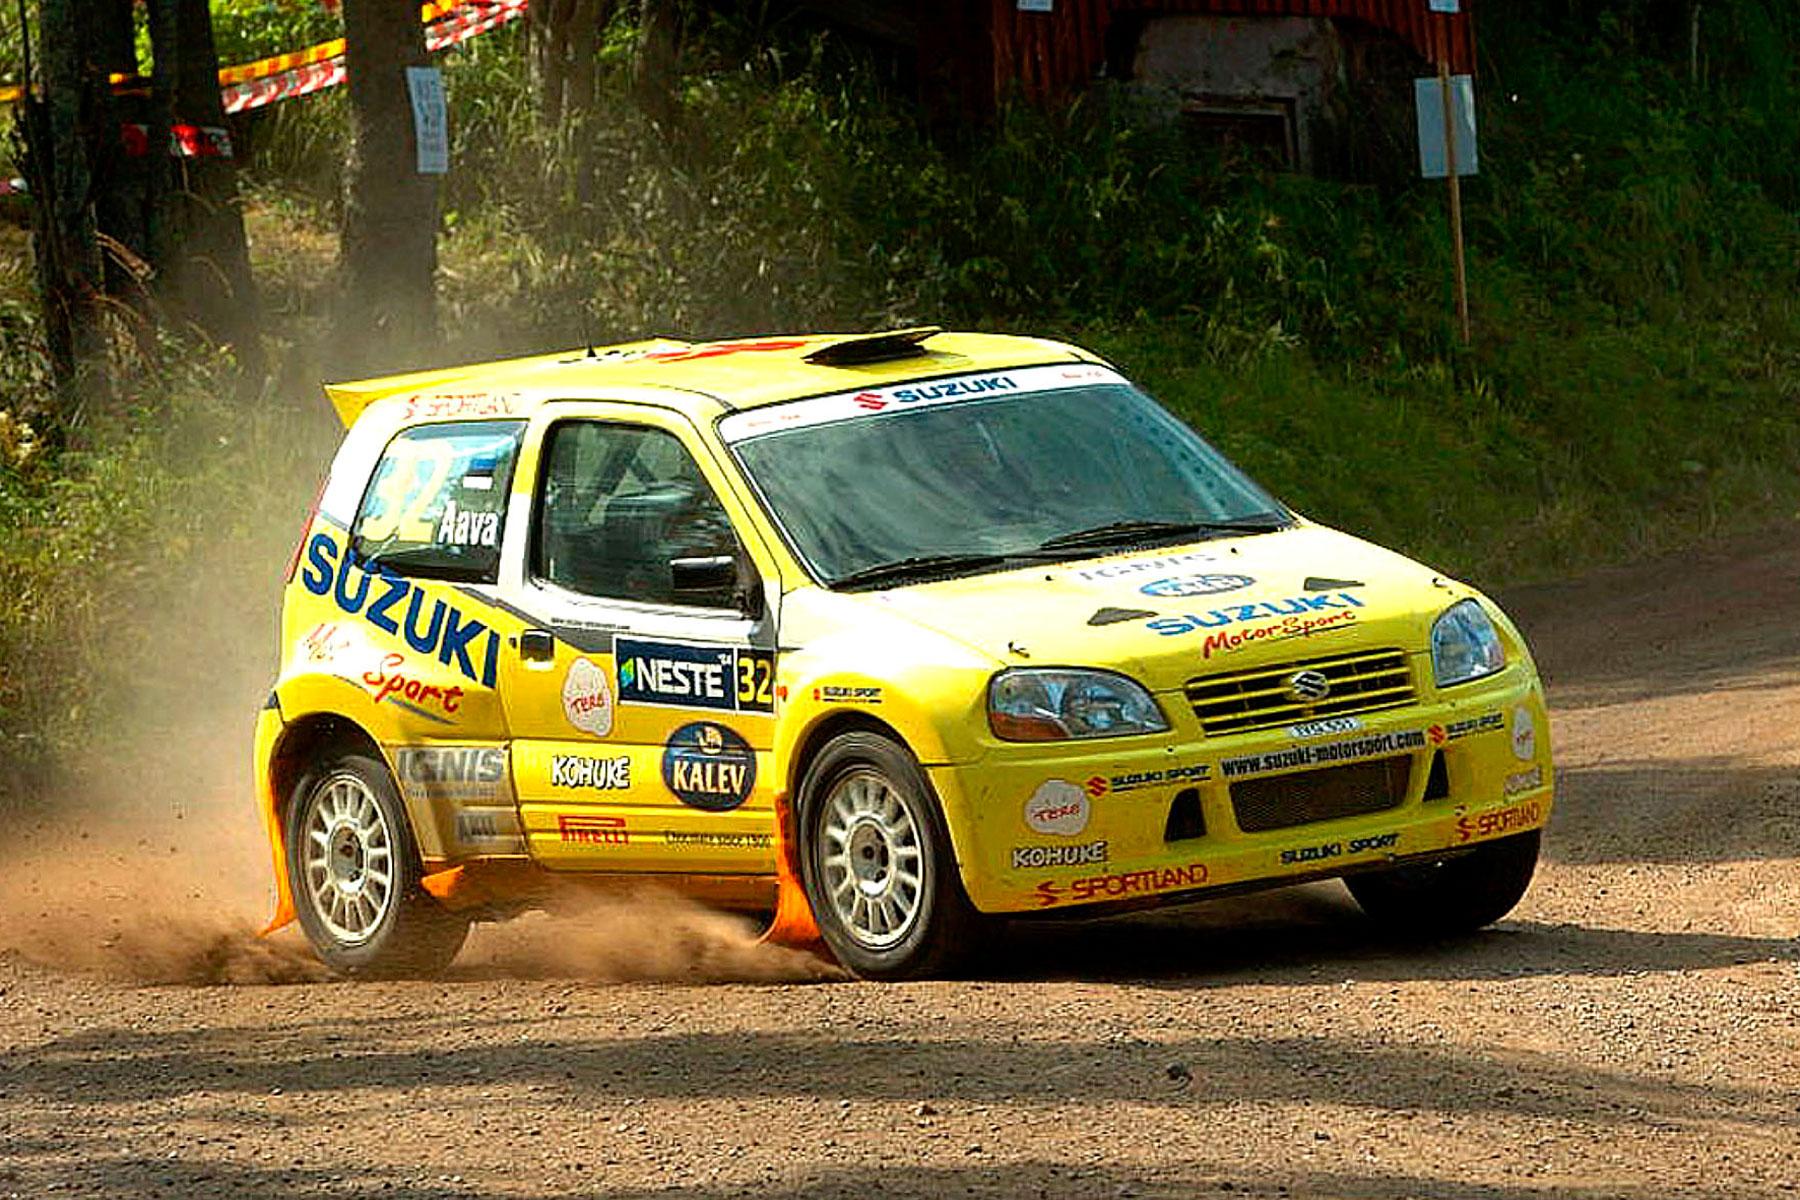 Suzuki Ignis JWRC